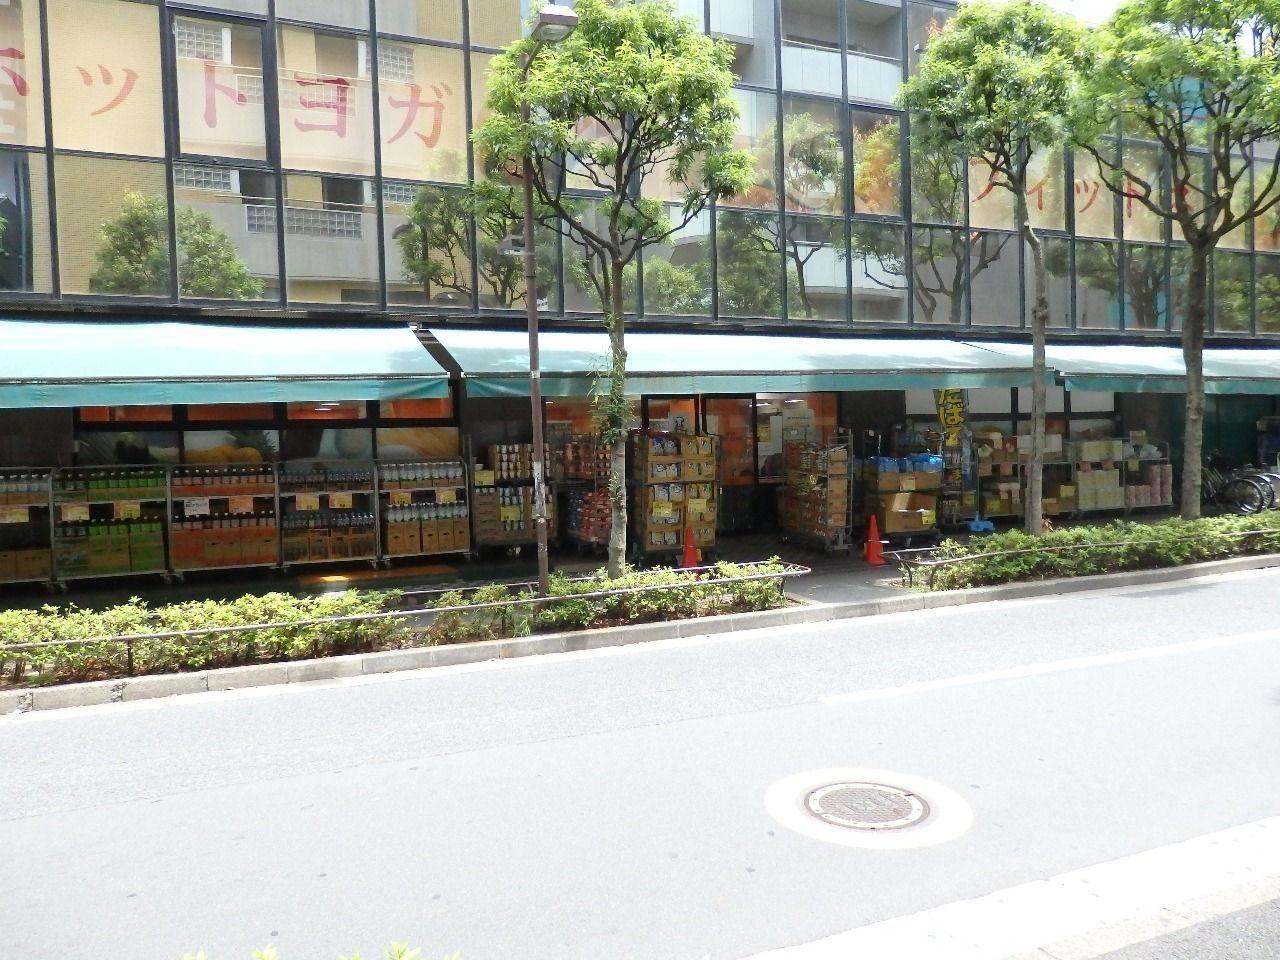 エレベーターを降りて目の前には24時まで営業しているスーパーには生鮮食品や冷凍食品、お弁当なども販売しており便利です。